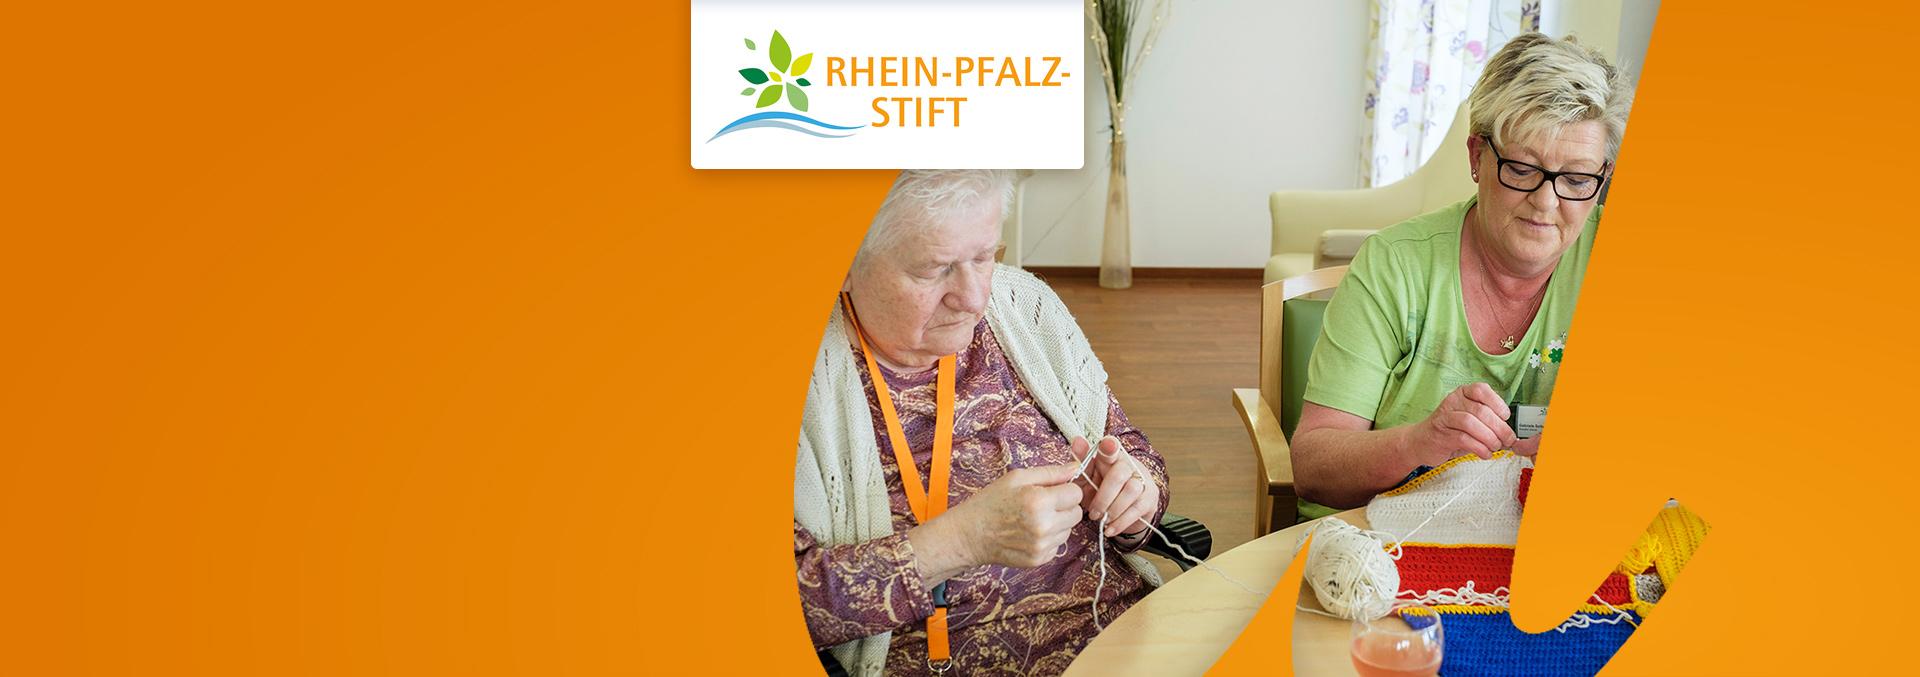 Pflege im Rhein-Pfalz-Stift: Bewohnerinnen und Pflegerin beim Stricken